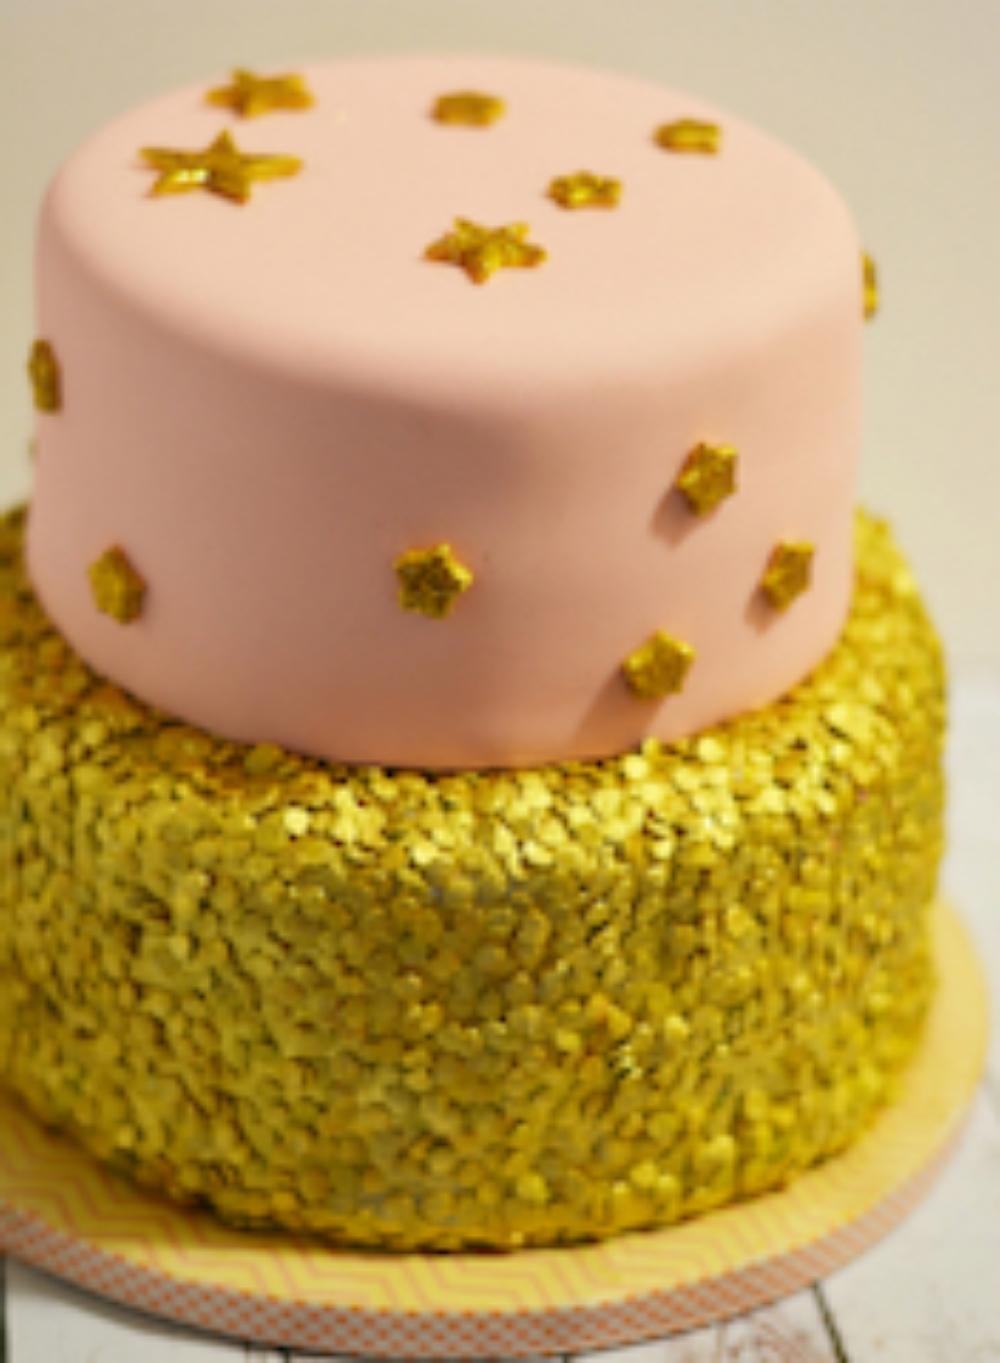 twinkle cake.jpg